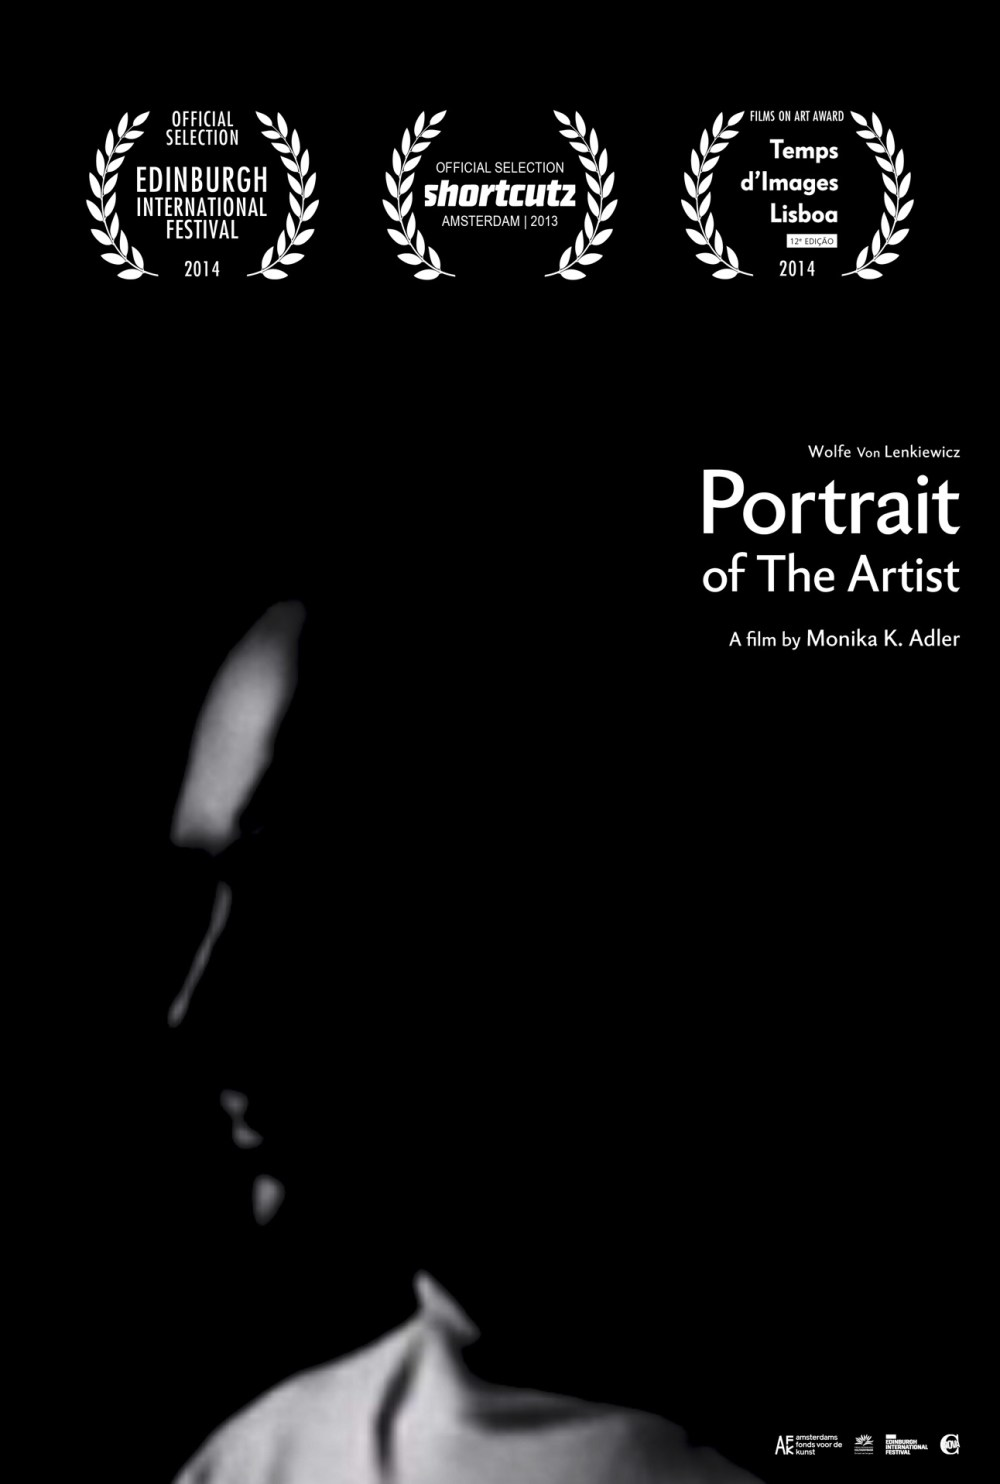 Monika K. Adler, Portrait of the artist, 2013, film poster, Aeon Rose